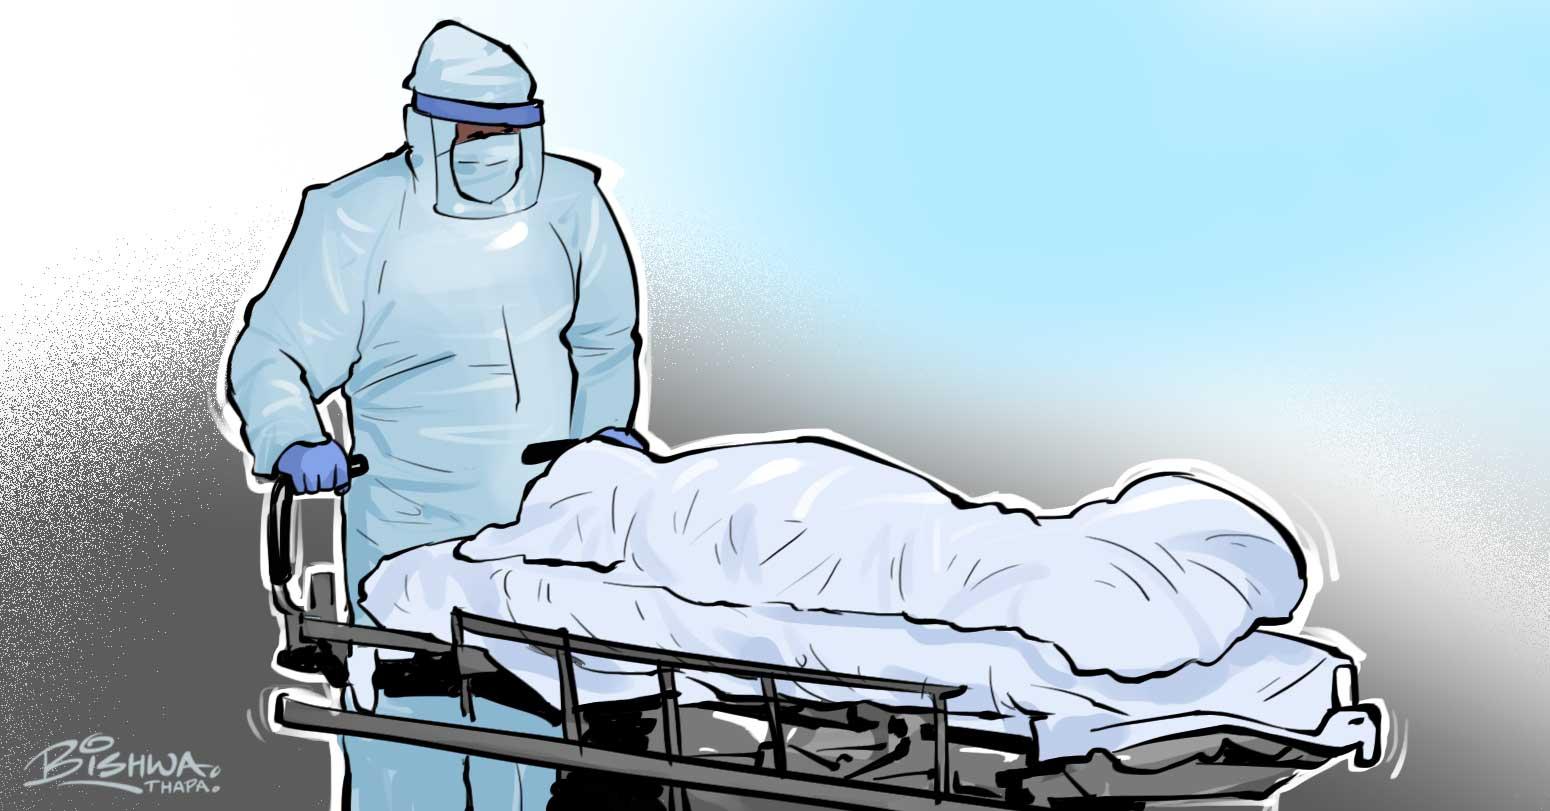 सिराहाका काेरोना संक्रमित युवकको धरानमा मृत्यु